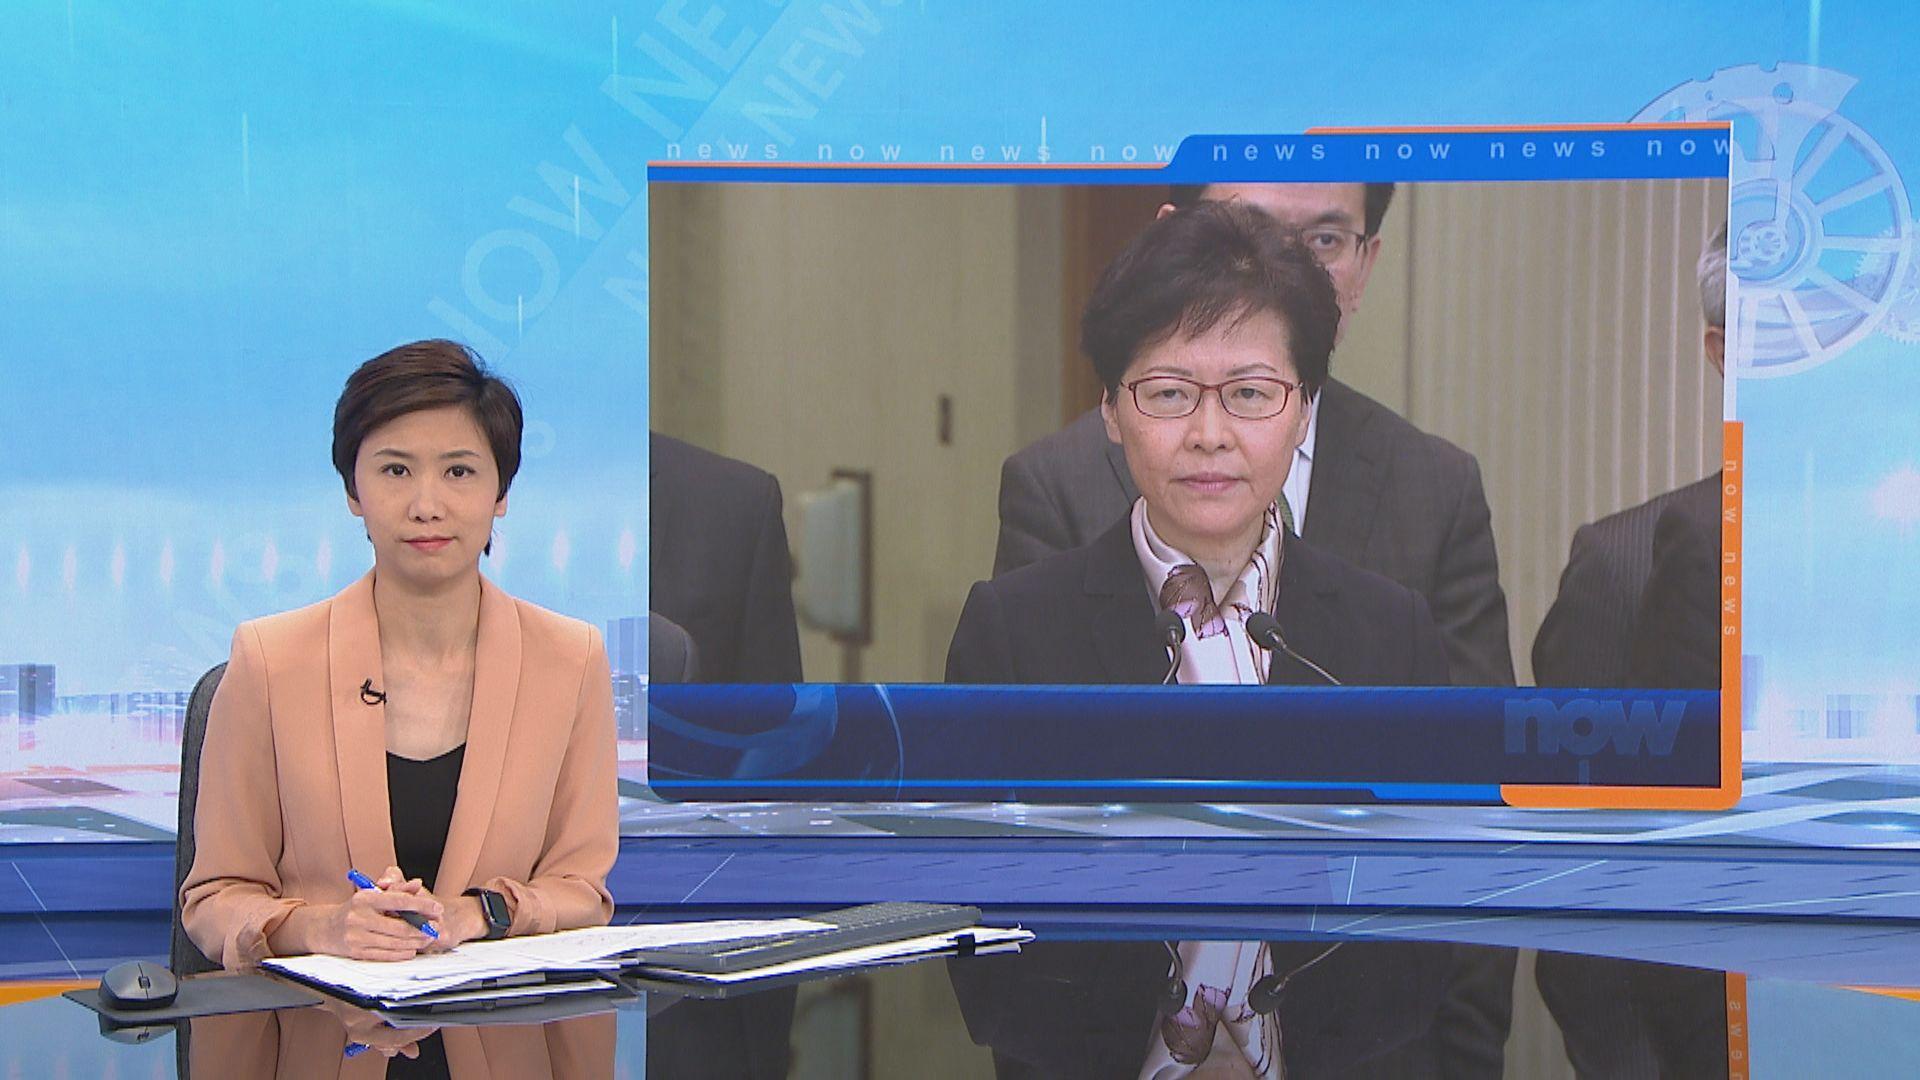 林鄭:部分極端分子揚言搞革命光復香港令事件變質